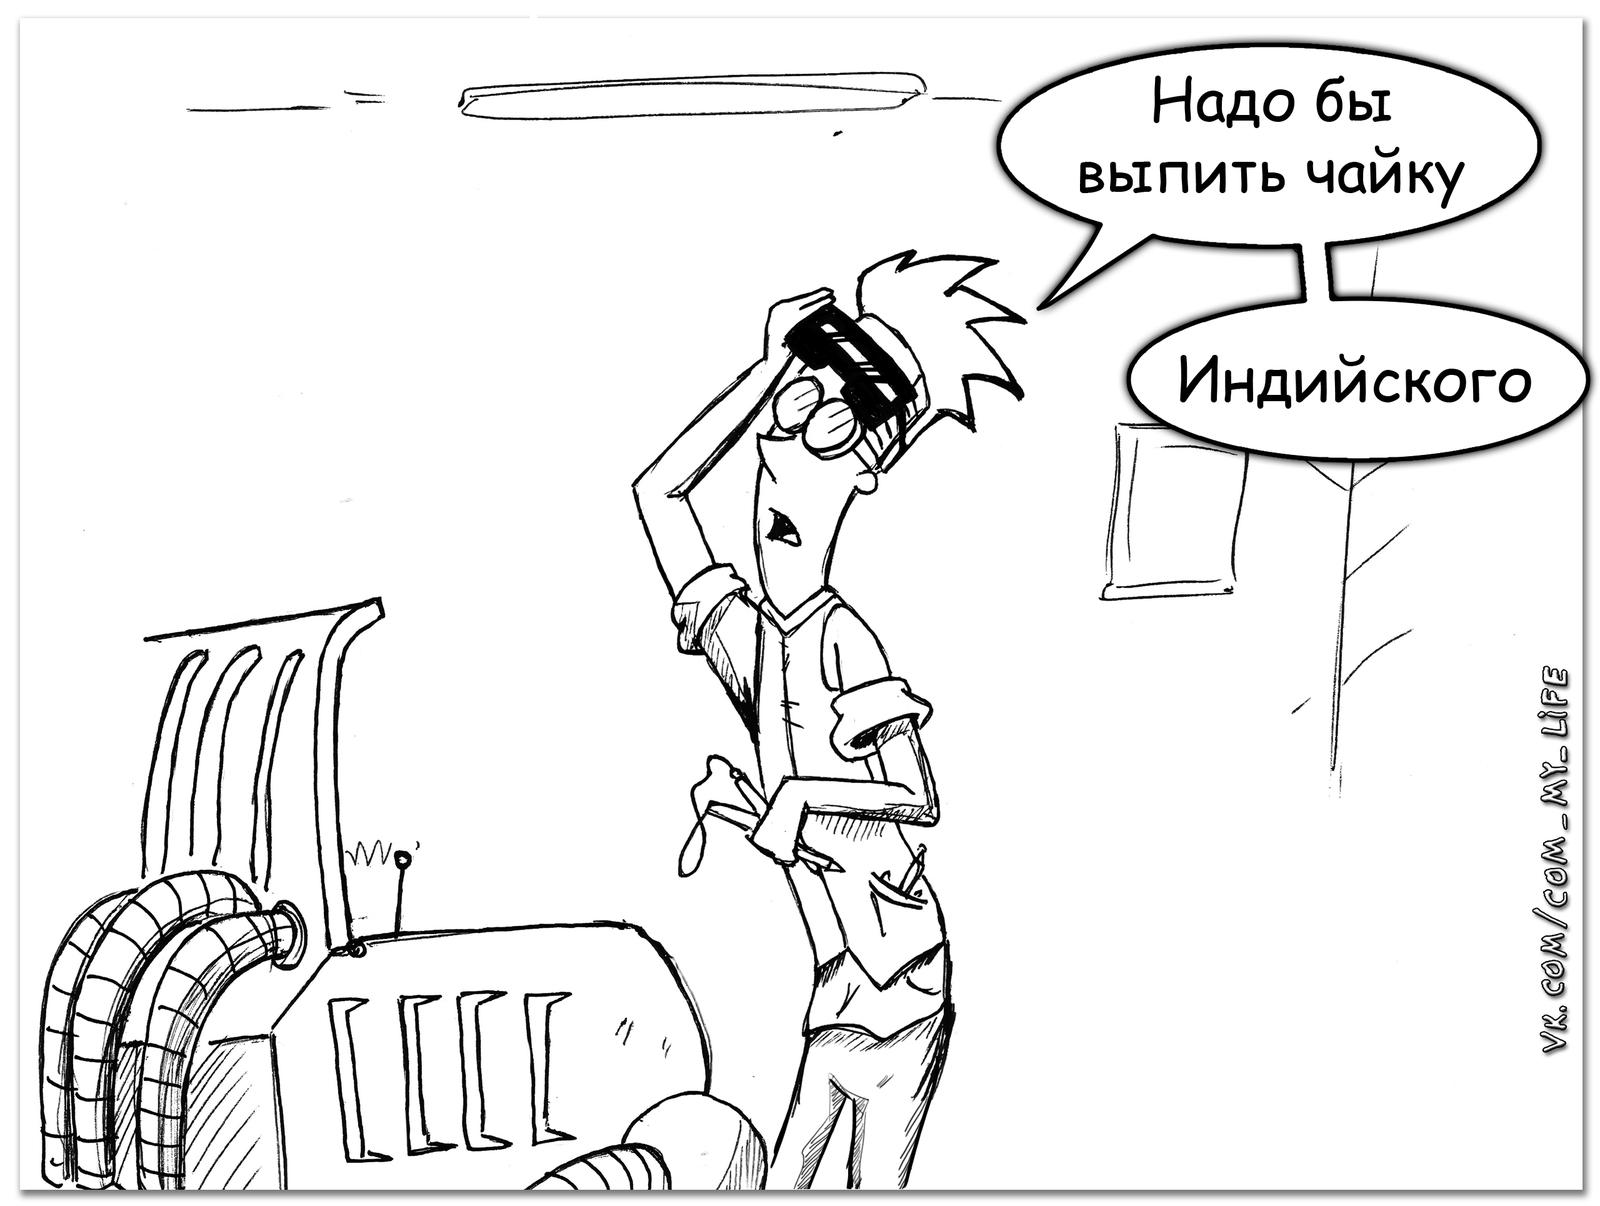 Индийский комикс